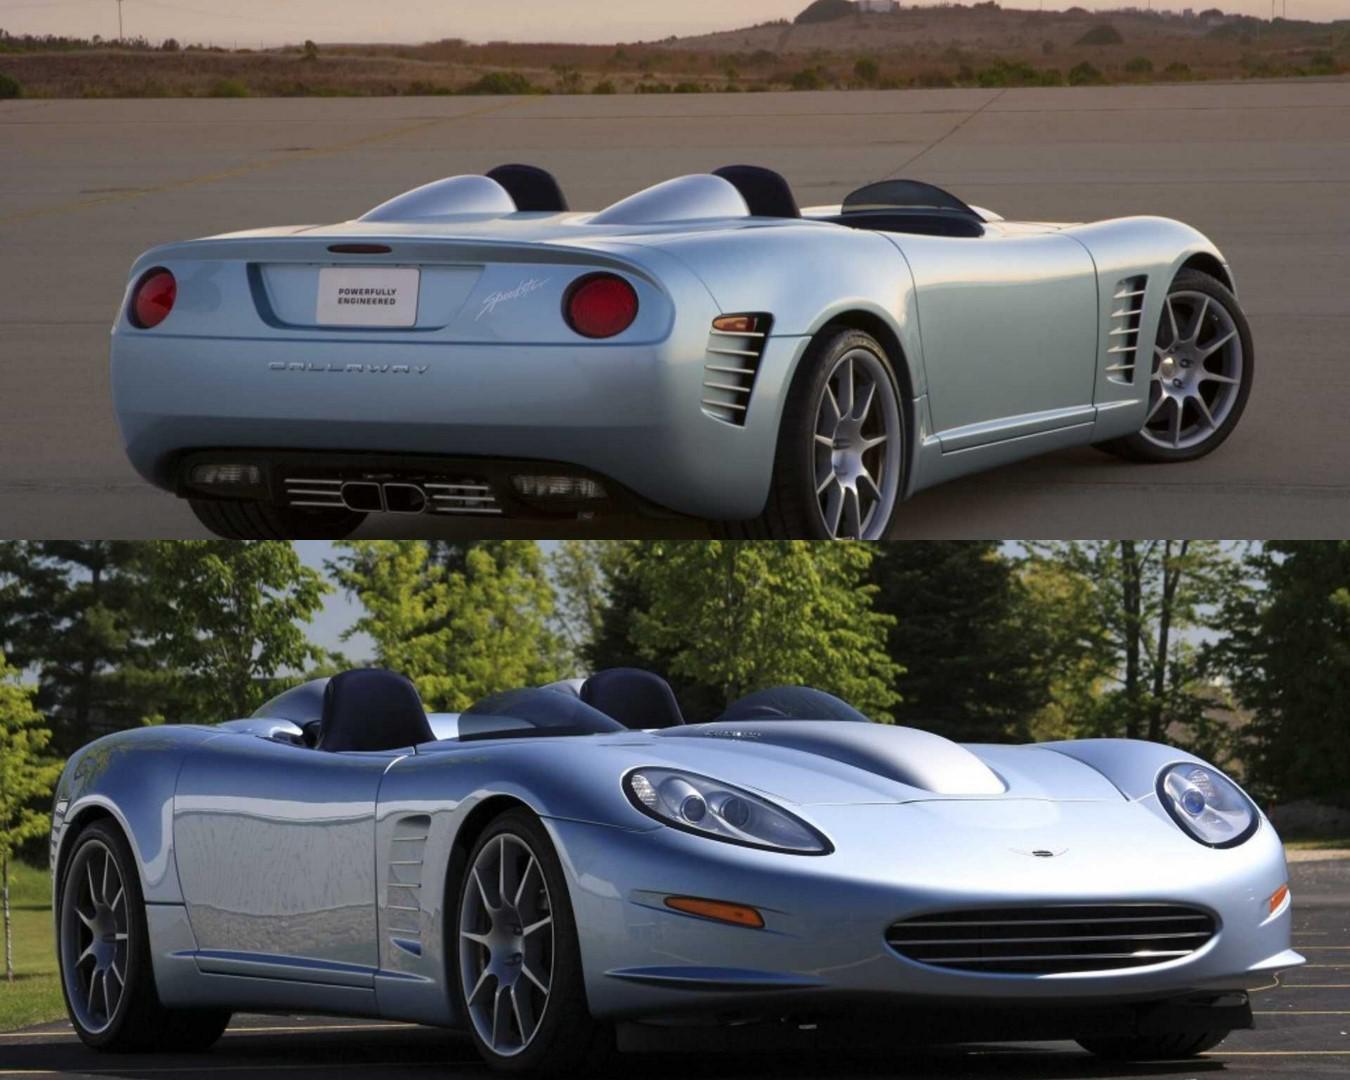 mode-supercars-sans-pare-brise-speedsters-et-barchettes-1154-2.jpg